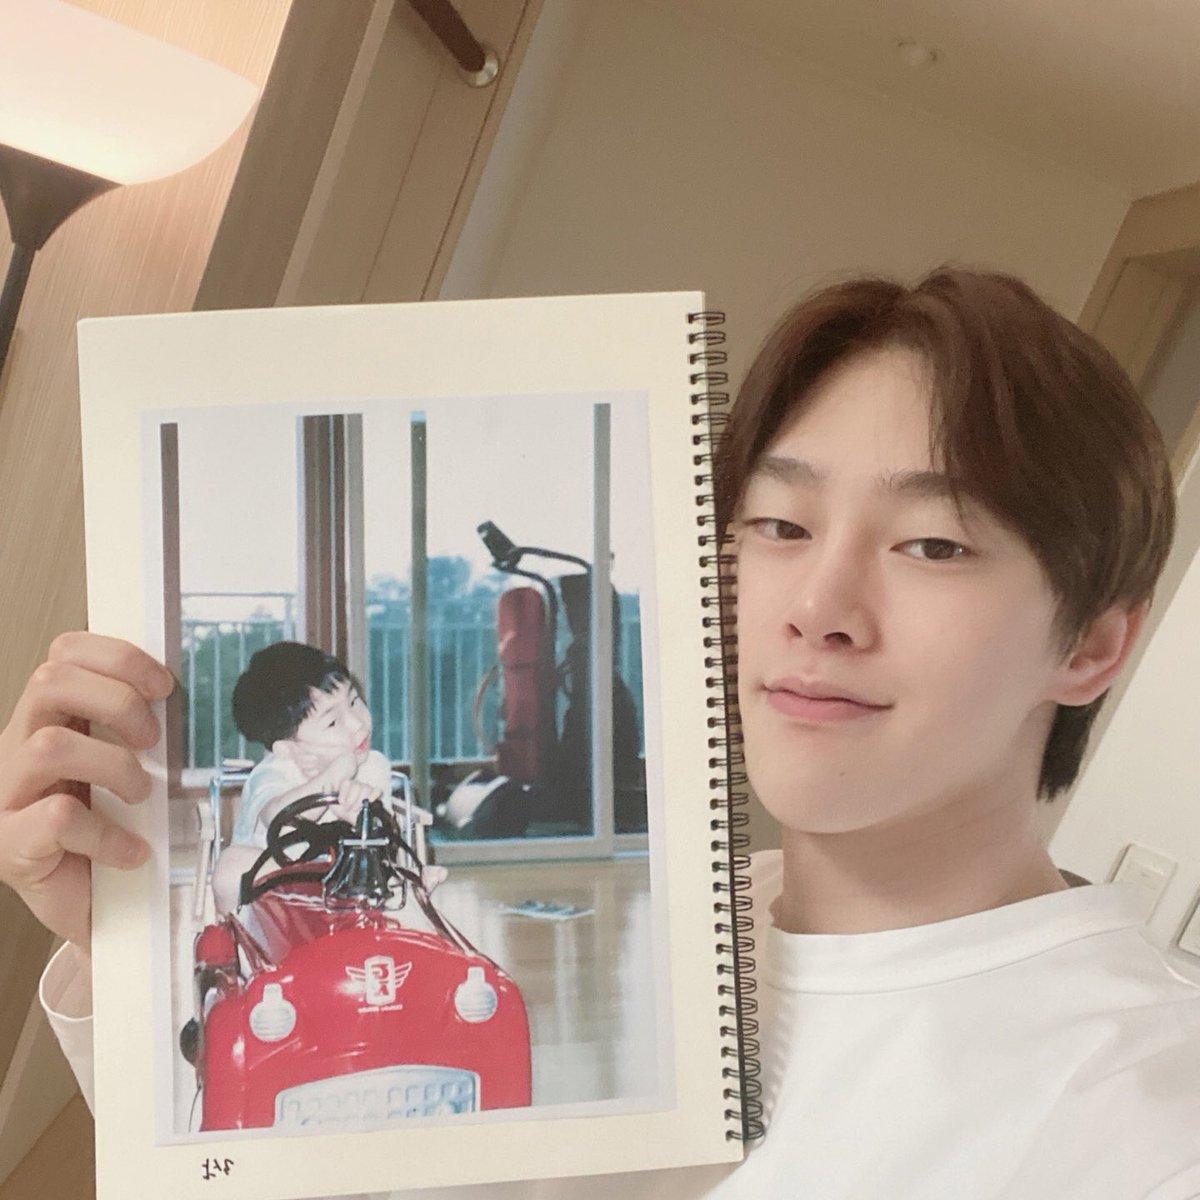 [📸] 200504 어린이 날 특집 #VLIVE 추억의 패션쇼 🐰🧥👖✨ behind photo_3살 #비니 룩  #VIINI #권현빈 #KwonHyunBin  #YGX #YG